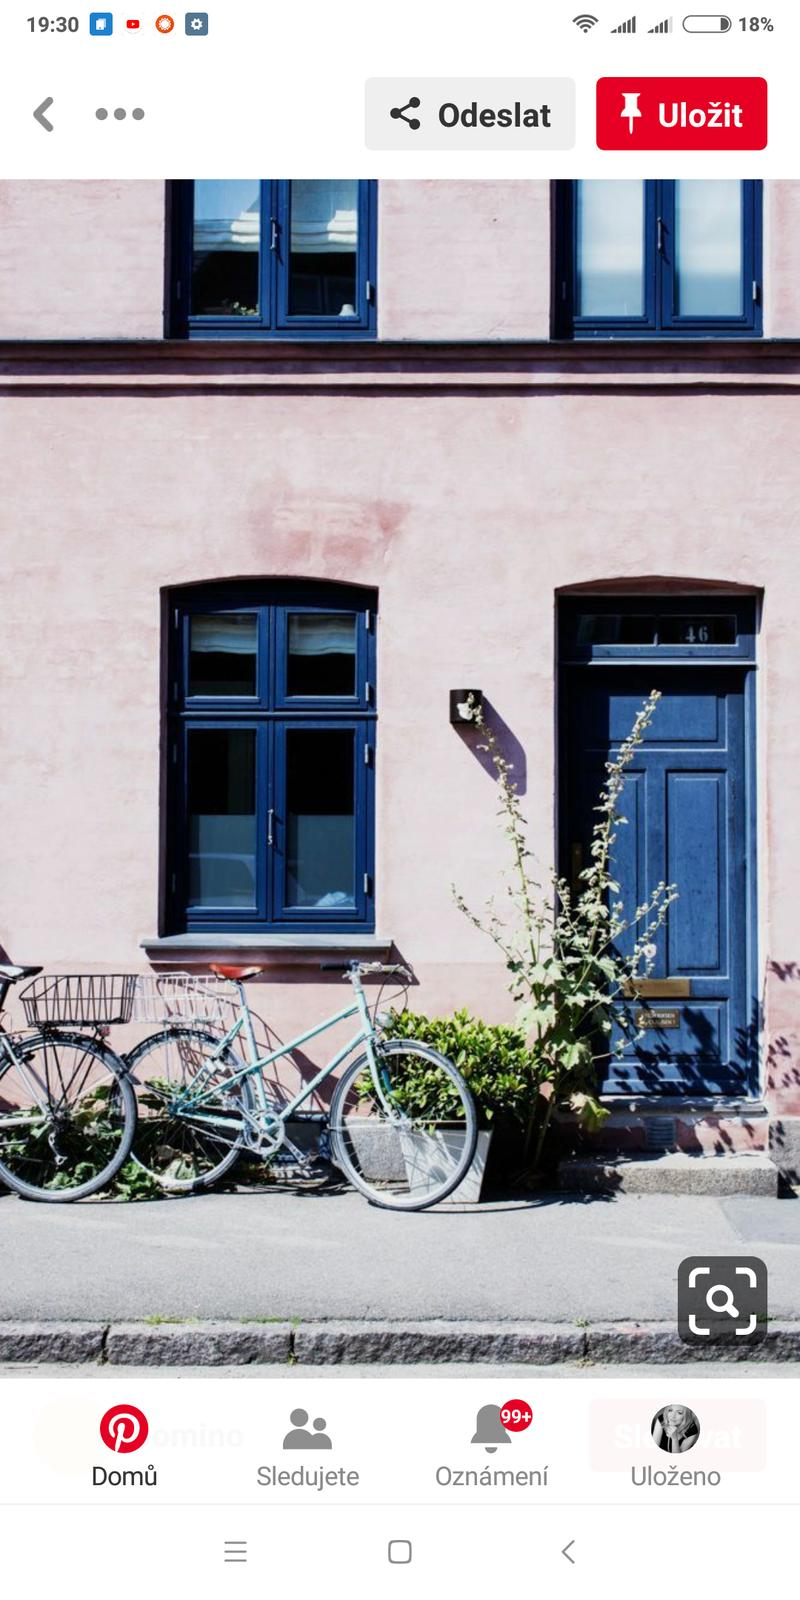 Modrá okna vidět spíš... - Obrázek č. 1